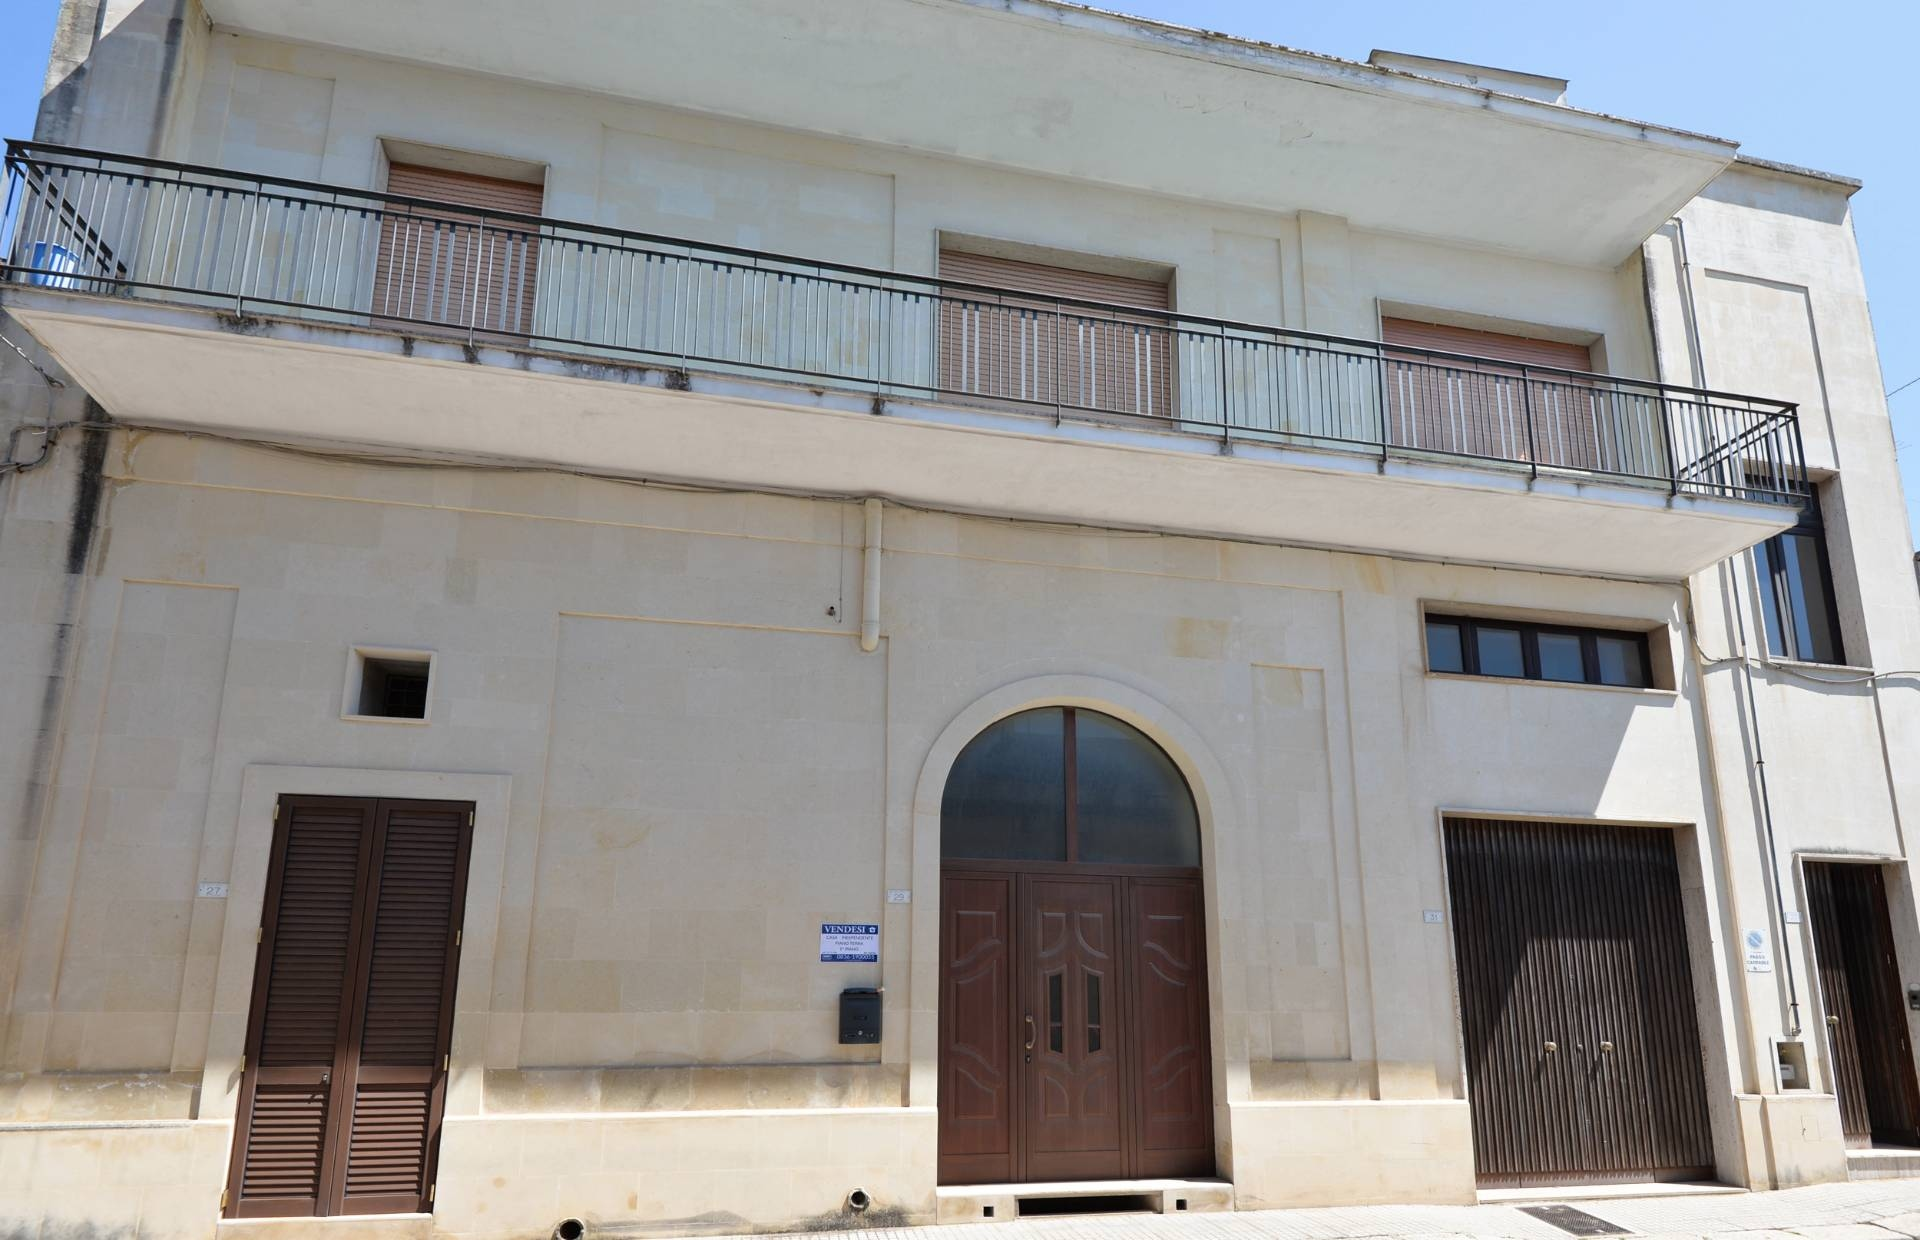 Soluzione Indipendente in vendita a Maglie, 15 locali, prezzo € 390.000 | CambioCasa.it